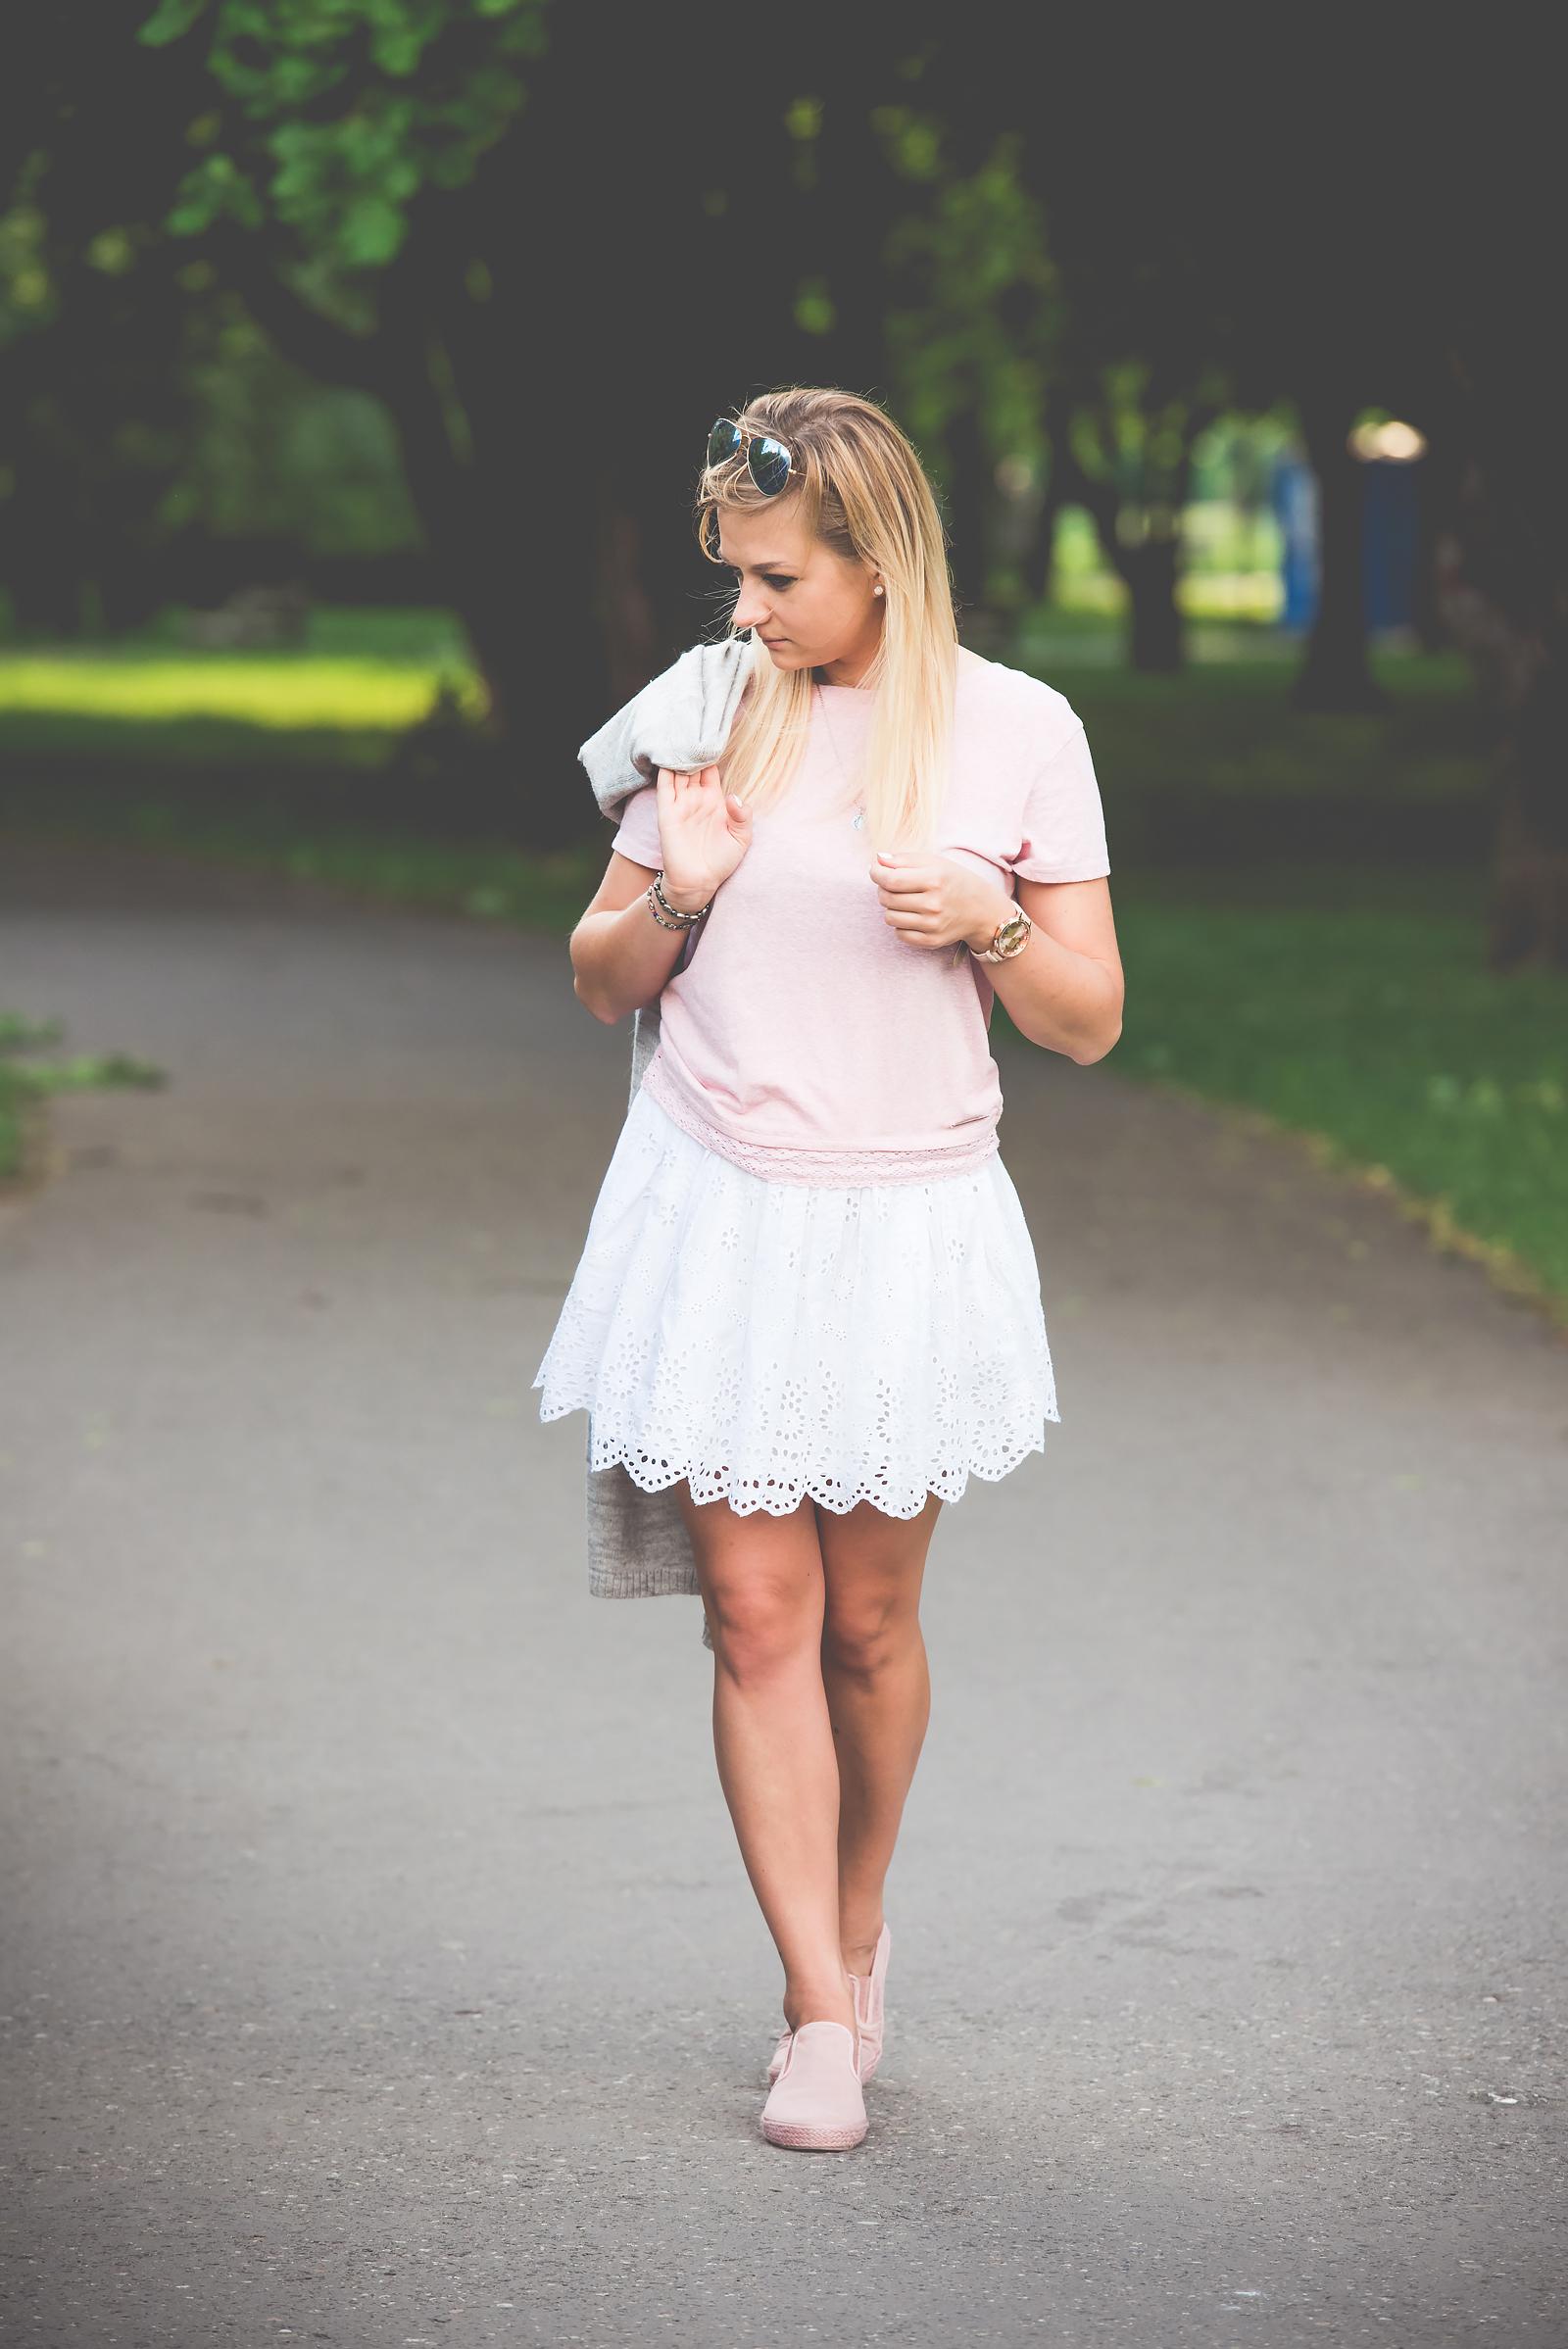 stylizacja z biała spodnica